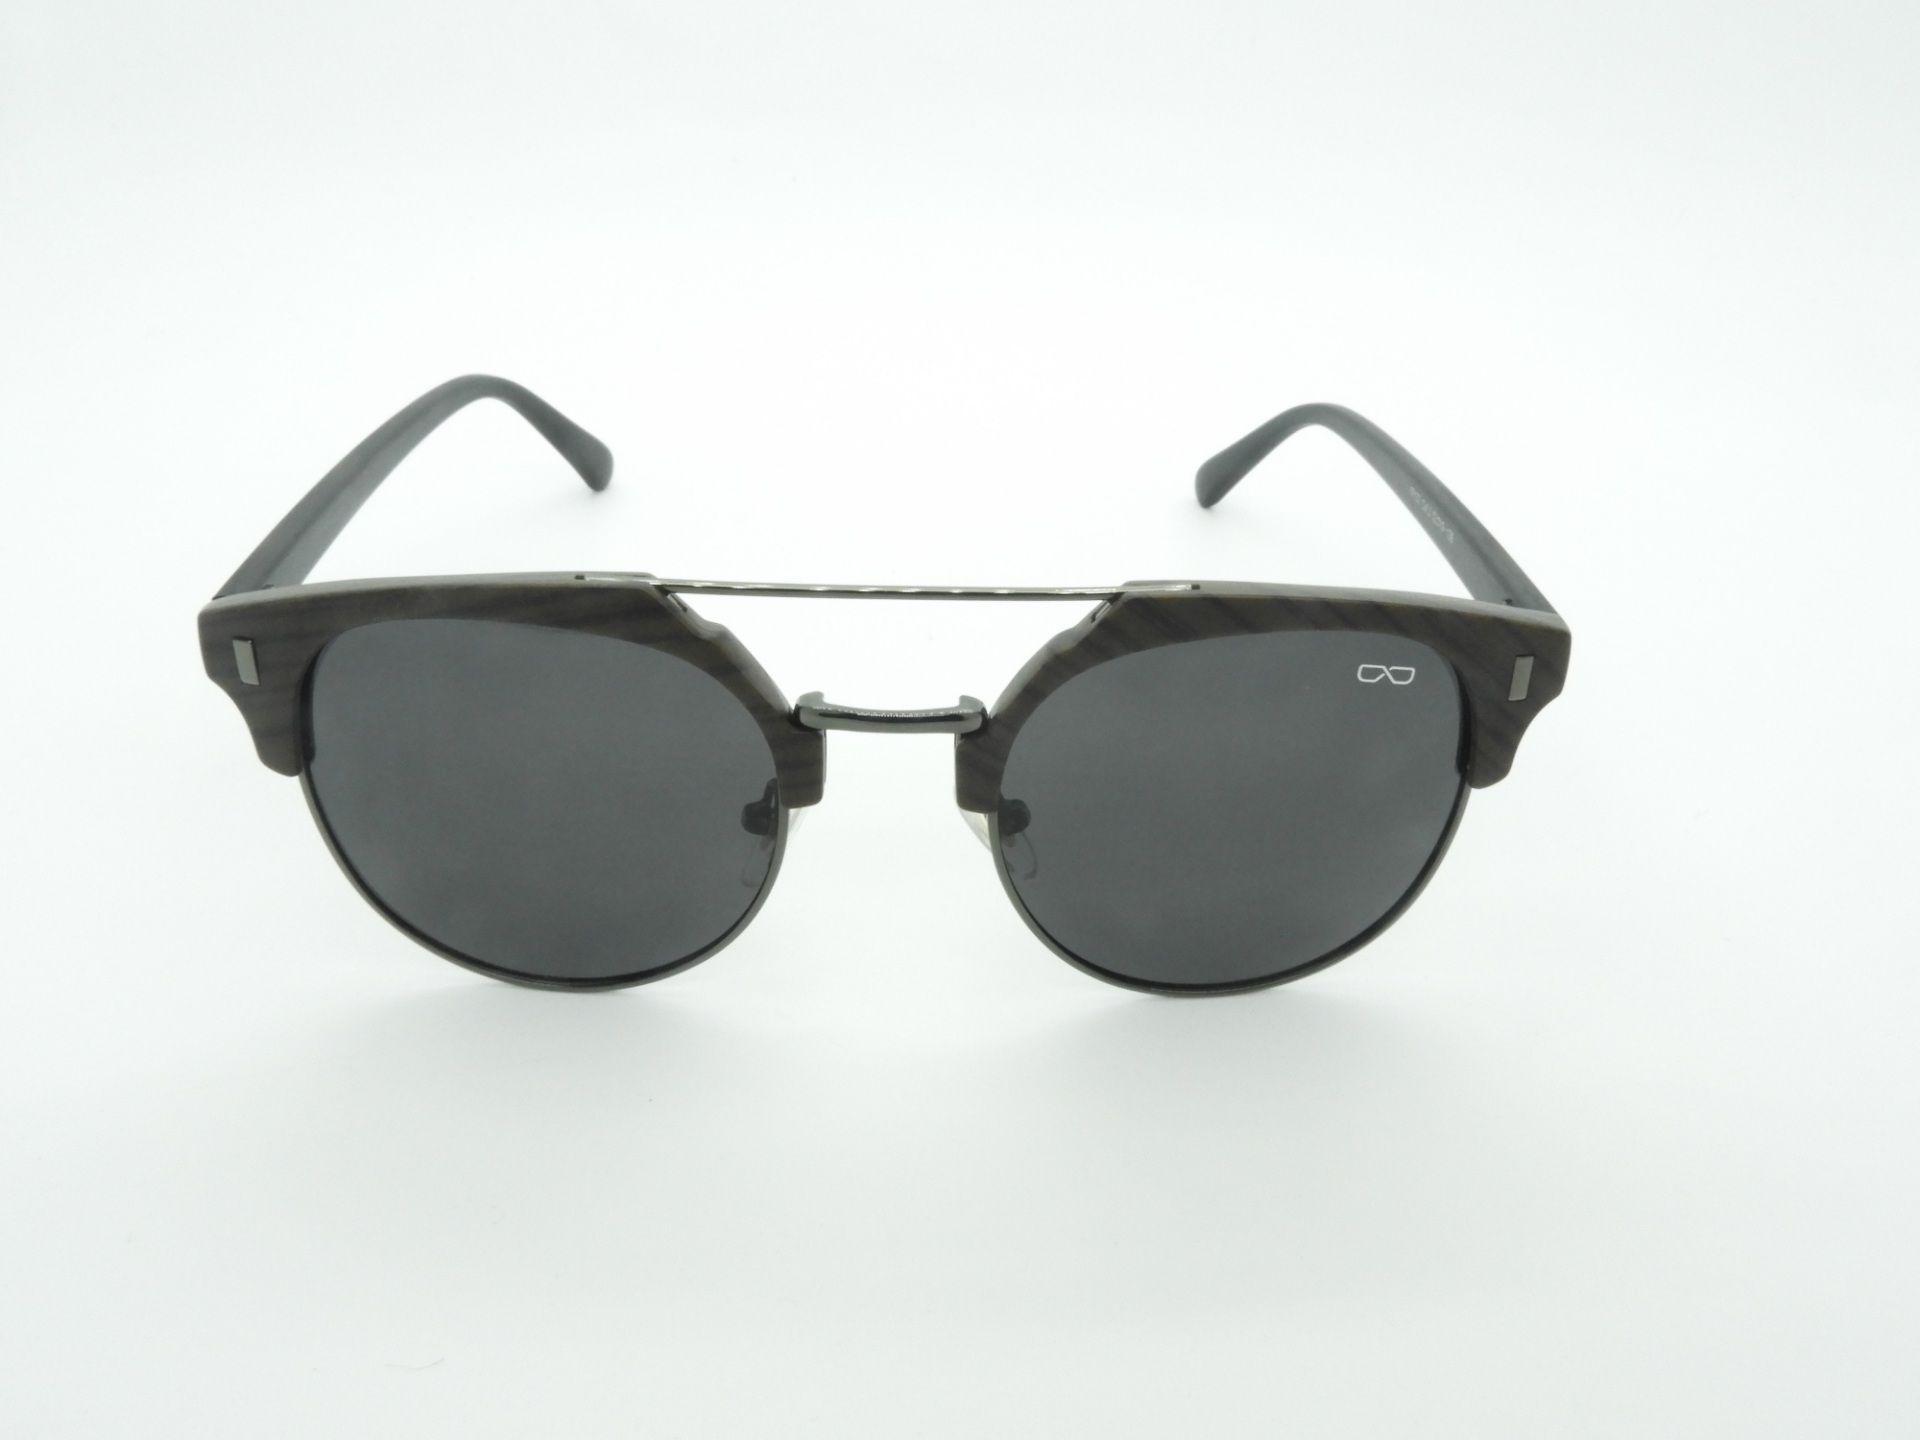 Óculos de Sol 16133 c3 marrom